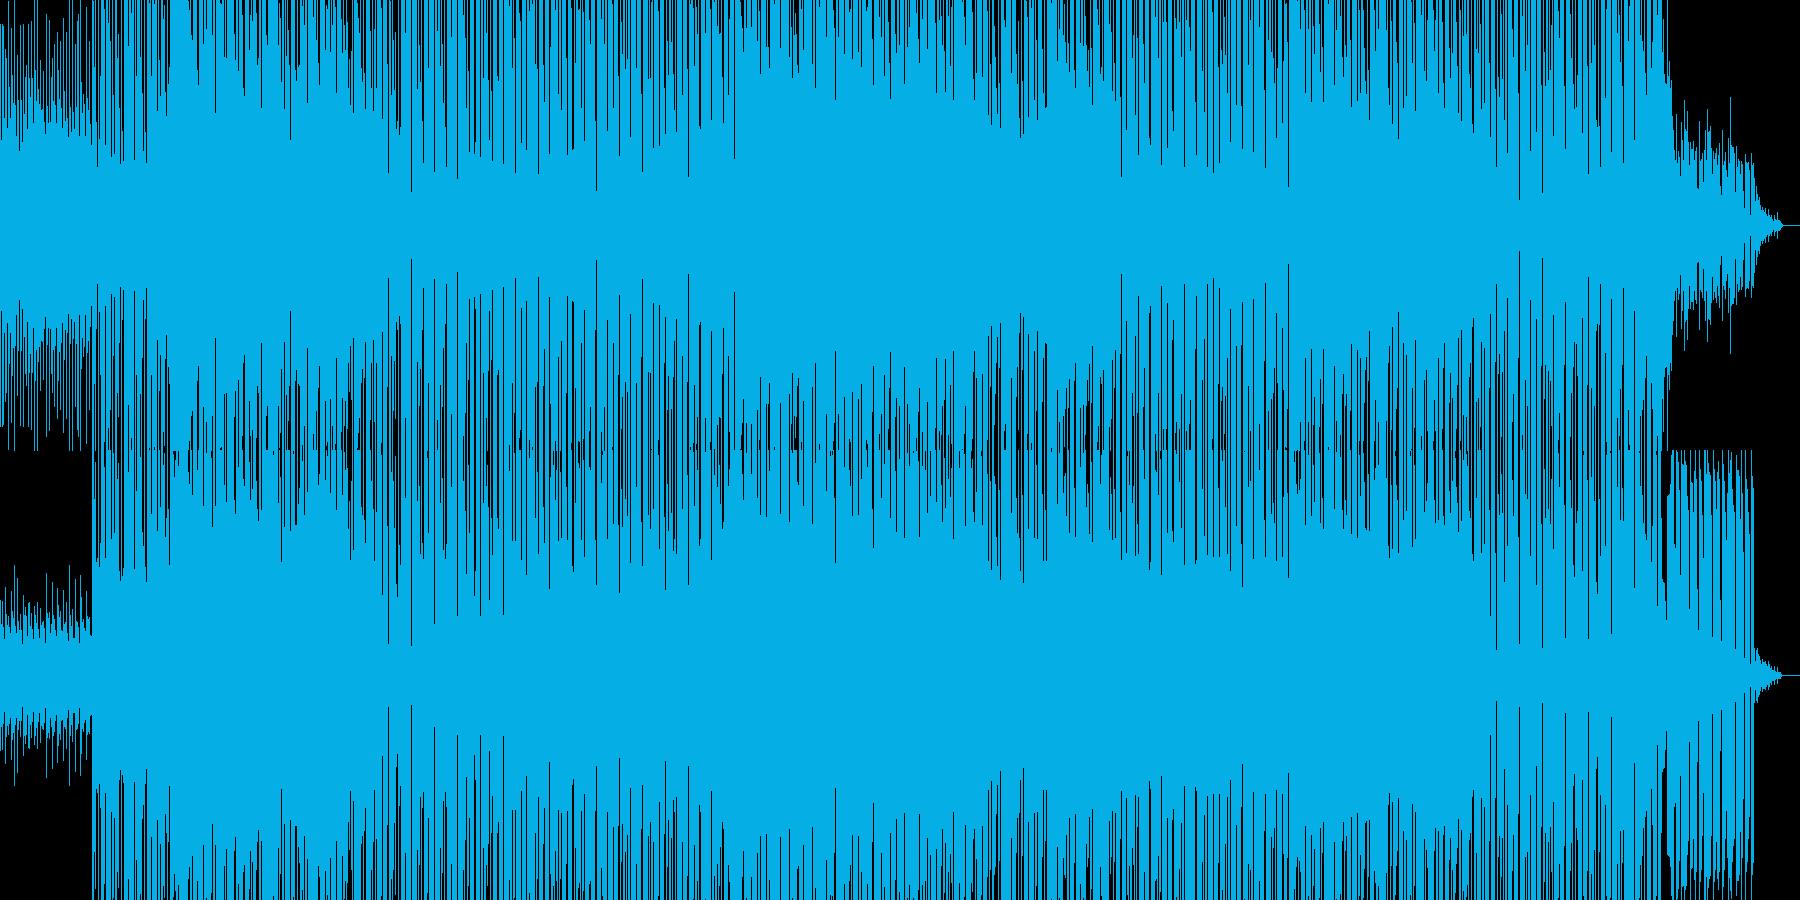 切ないリフが印象的なダンス曲の再生済みの波形